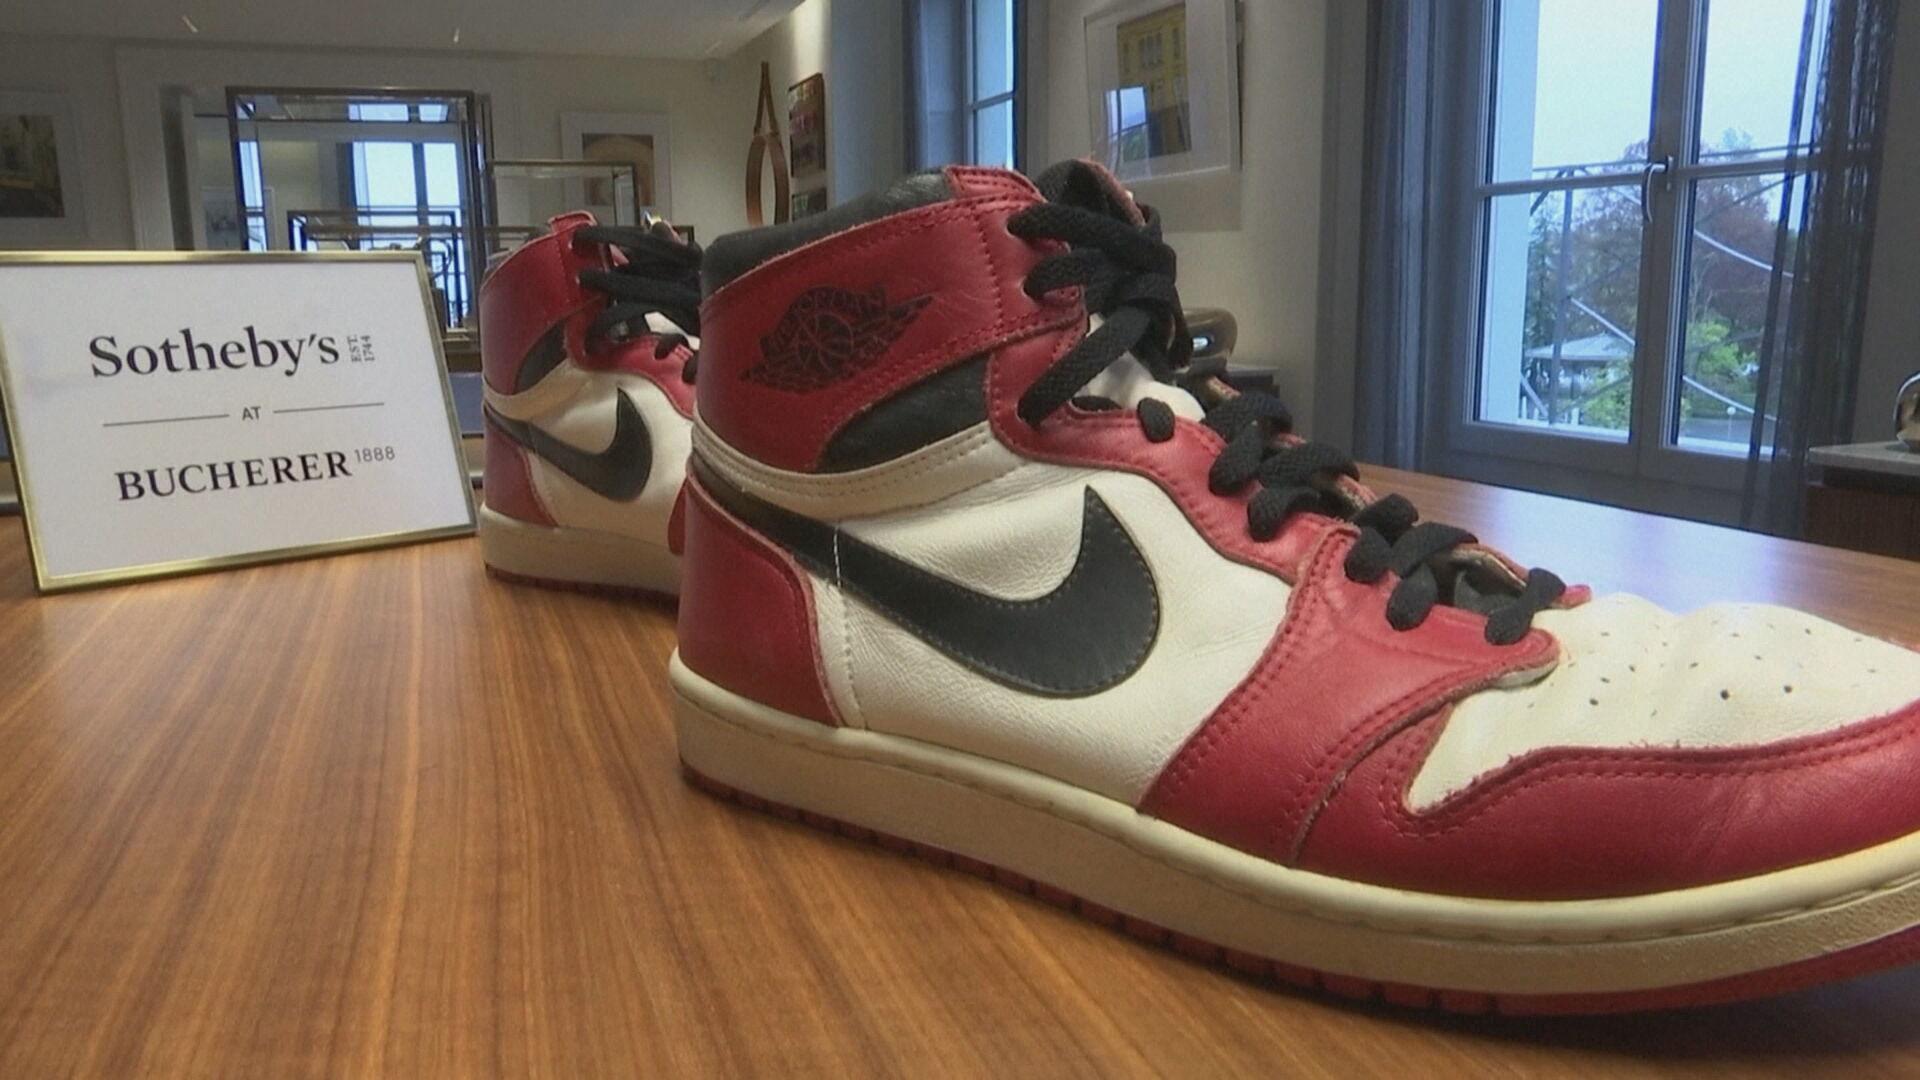 Tênis usado por Michael Jordan em sua temporada de calouro vai a leilão (28.abr.